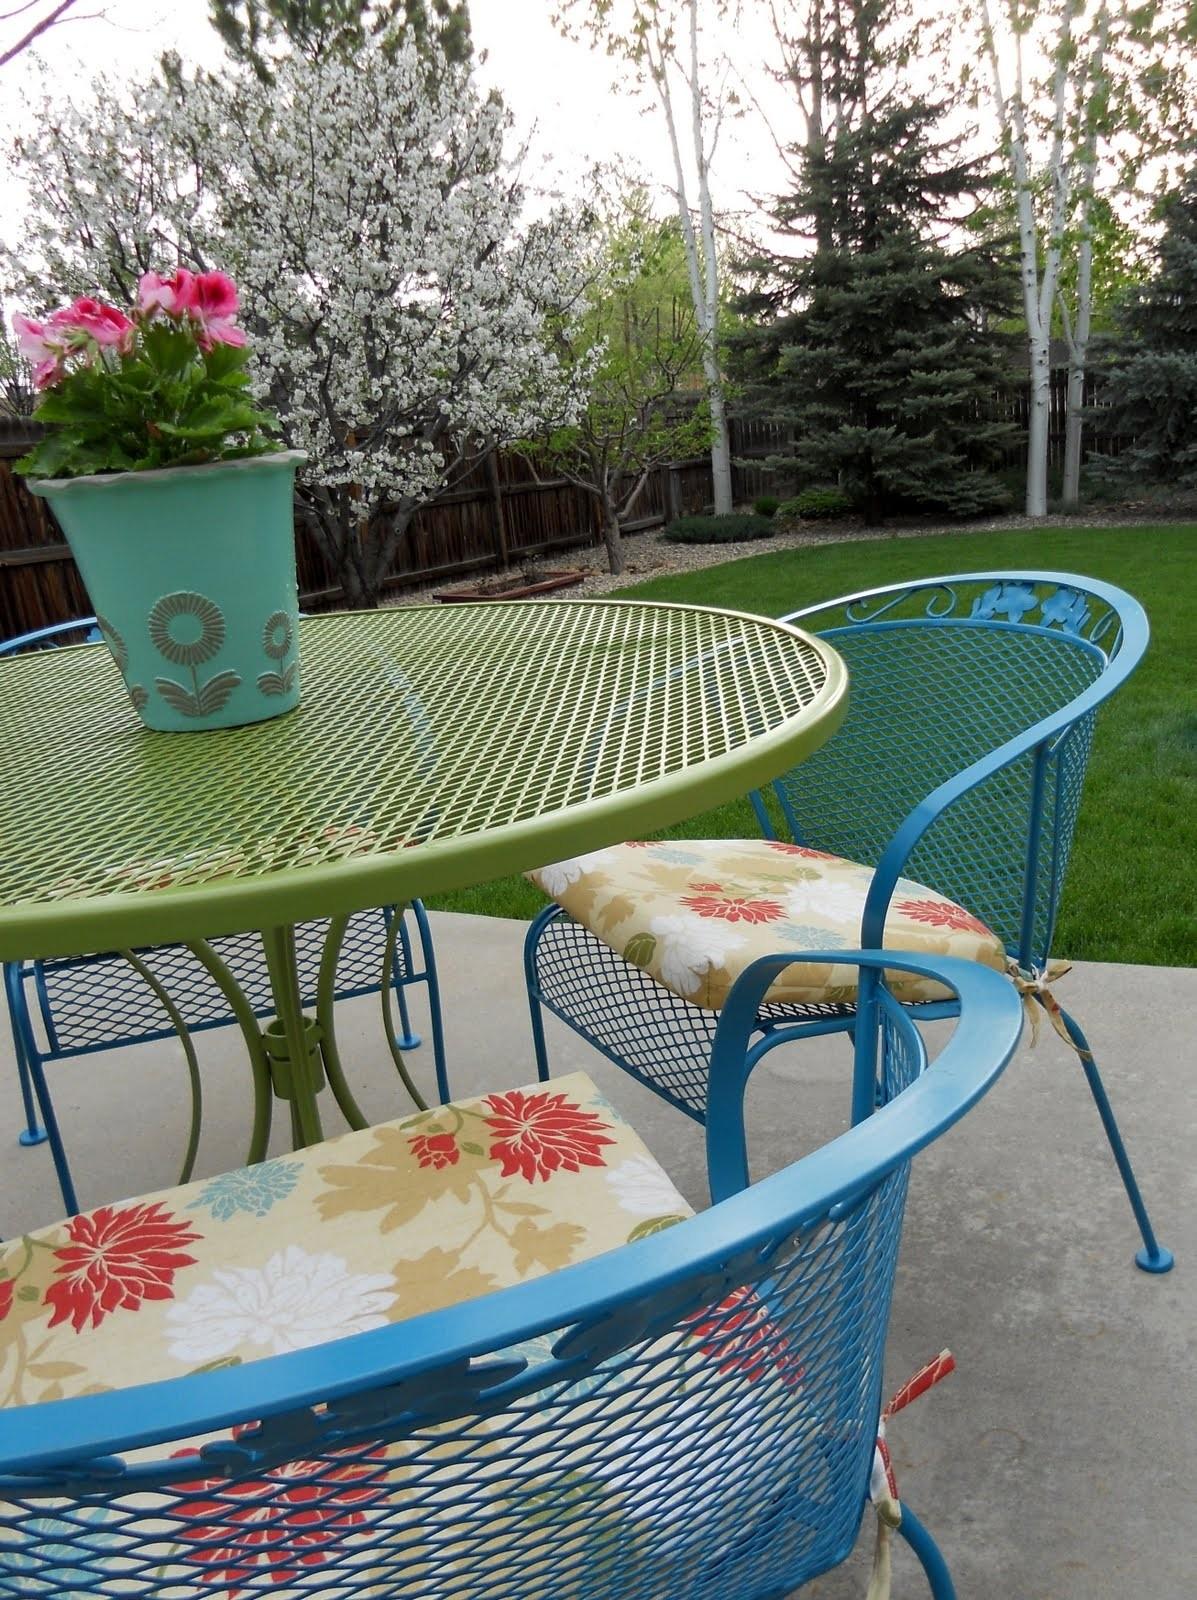 Vintage iron patio furniture Wrought Iron Vintage Wrought Iron Patio Furniture Foter Wrought Iron Patio Furniture Sets Ideas On Foter